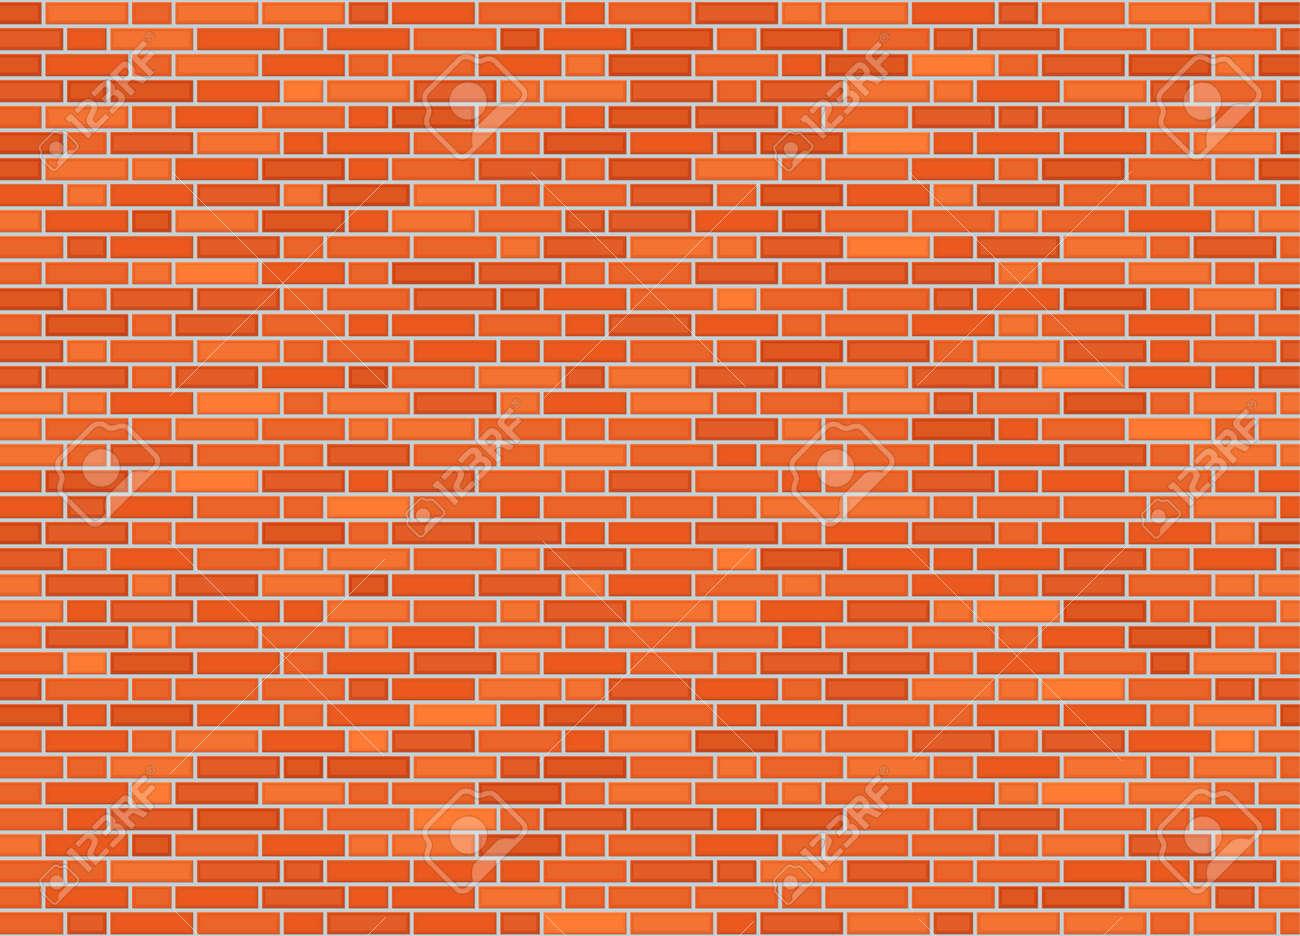 Vector seamless monk offset bond brick wall texture - 97680778